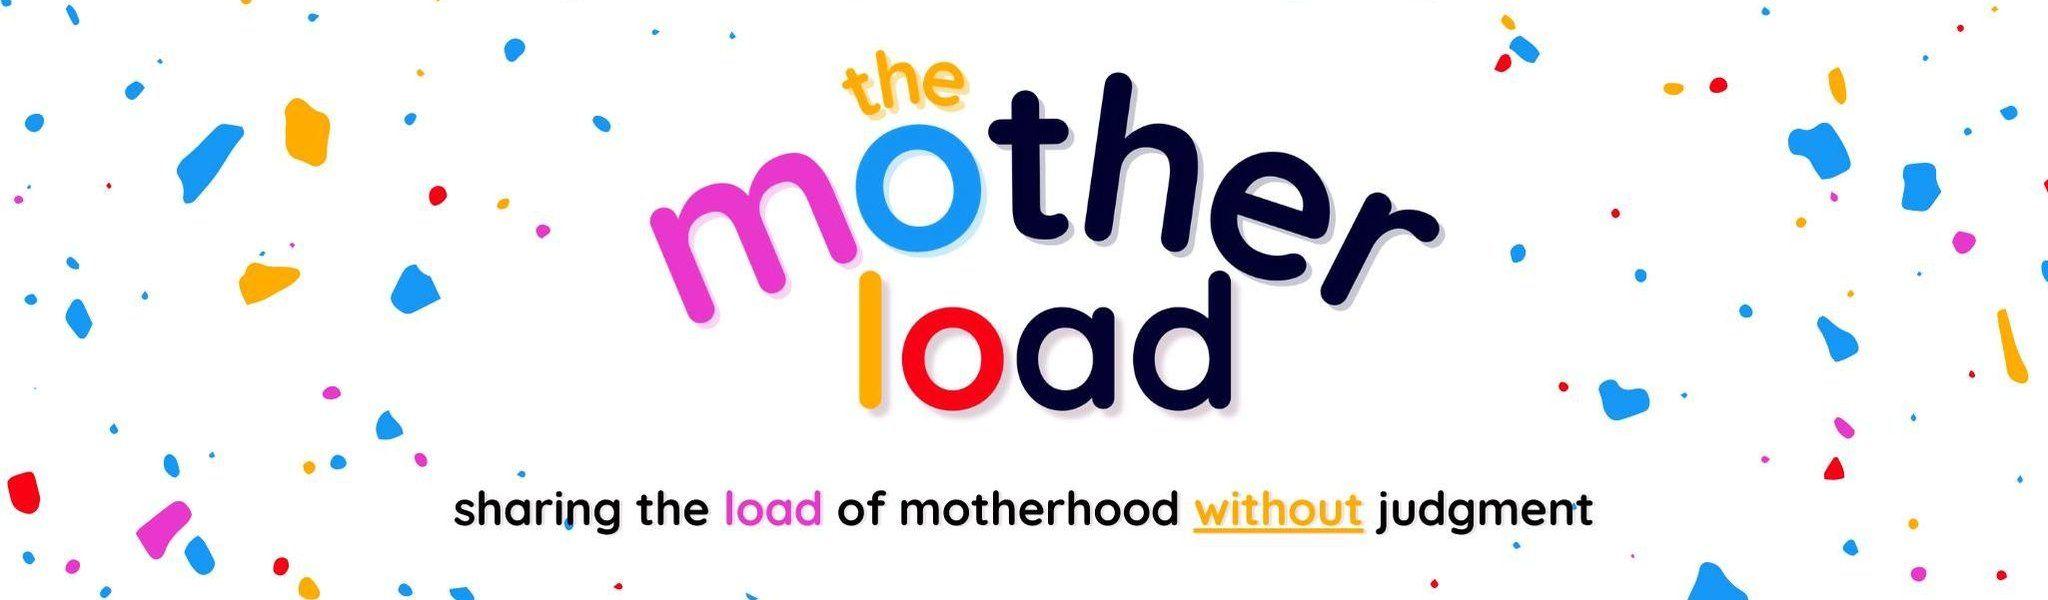 Заголовок Motherload